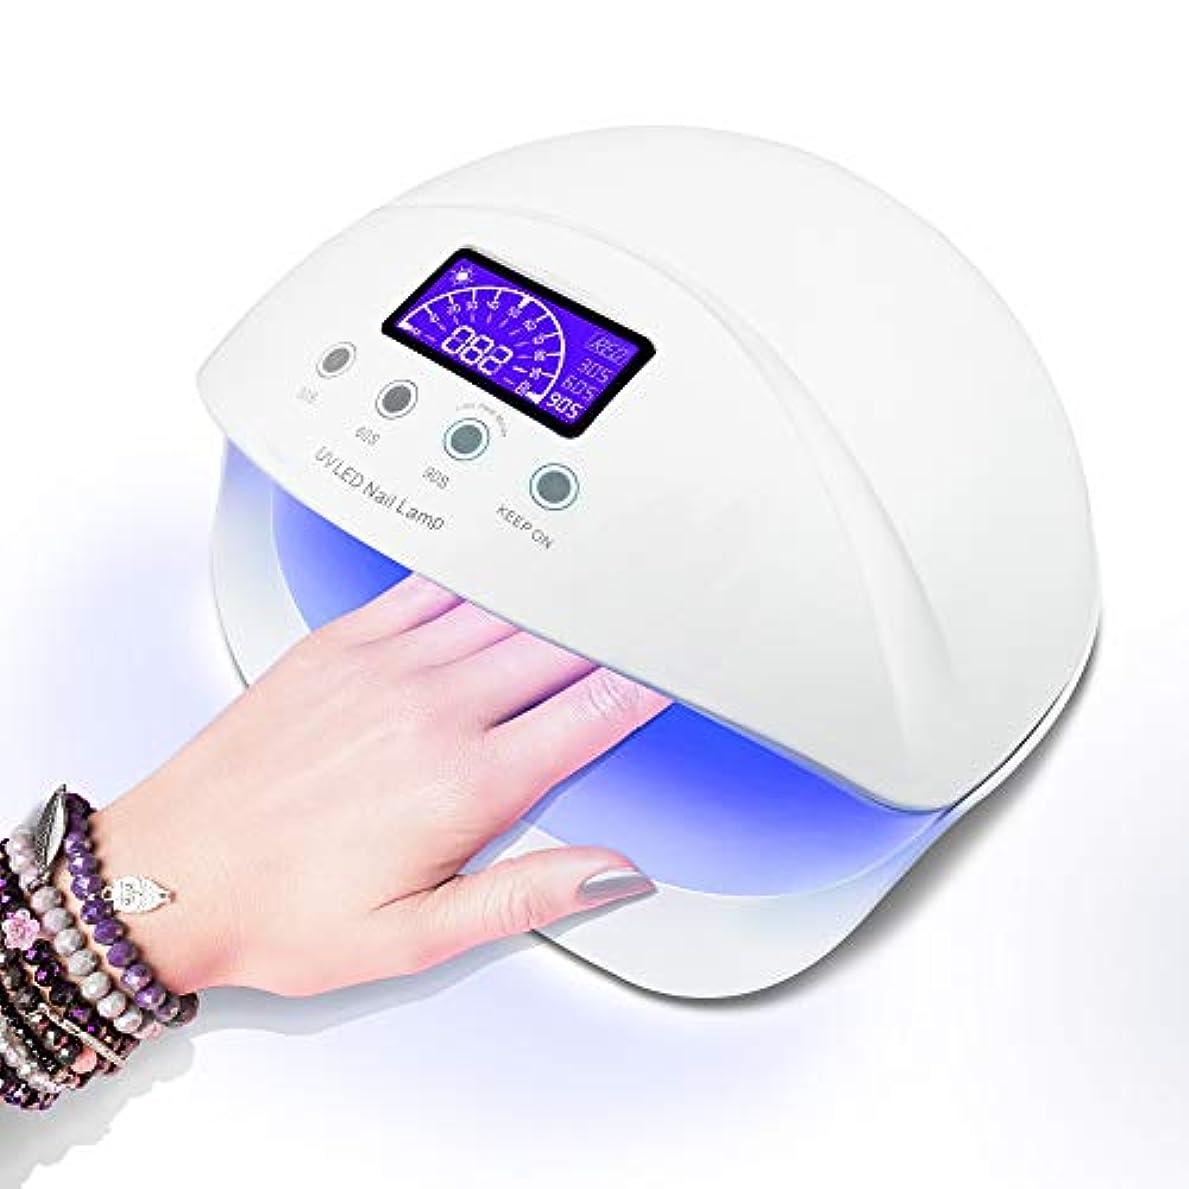 義務的フィドル方法論LED ネイルドライヤー UVネイルライト 50W ハイパワー ジェルネイルライト 肌をケア センサータイマー付き UVライト 速乾UV ネイル ハンドフット両用  ネイル led ライト [日本語取扱説明書付き]